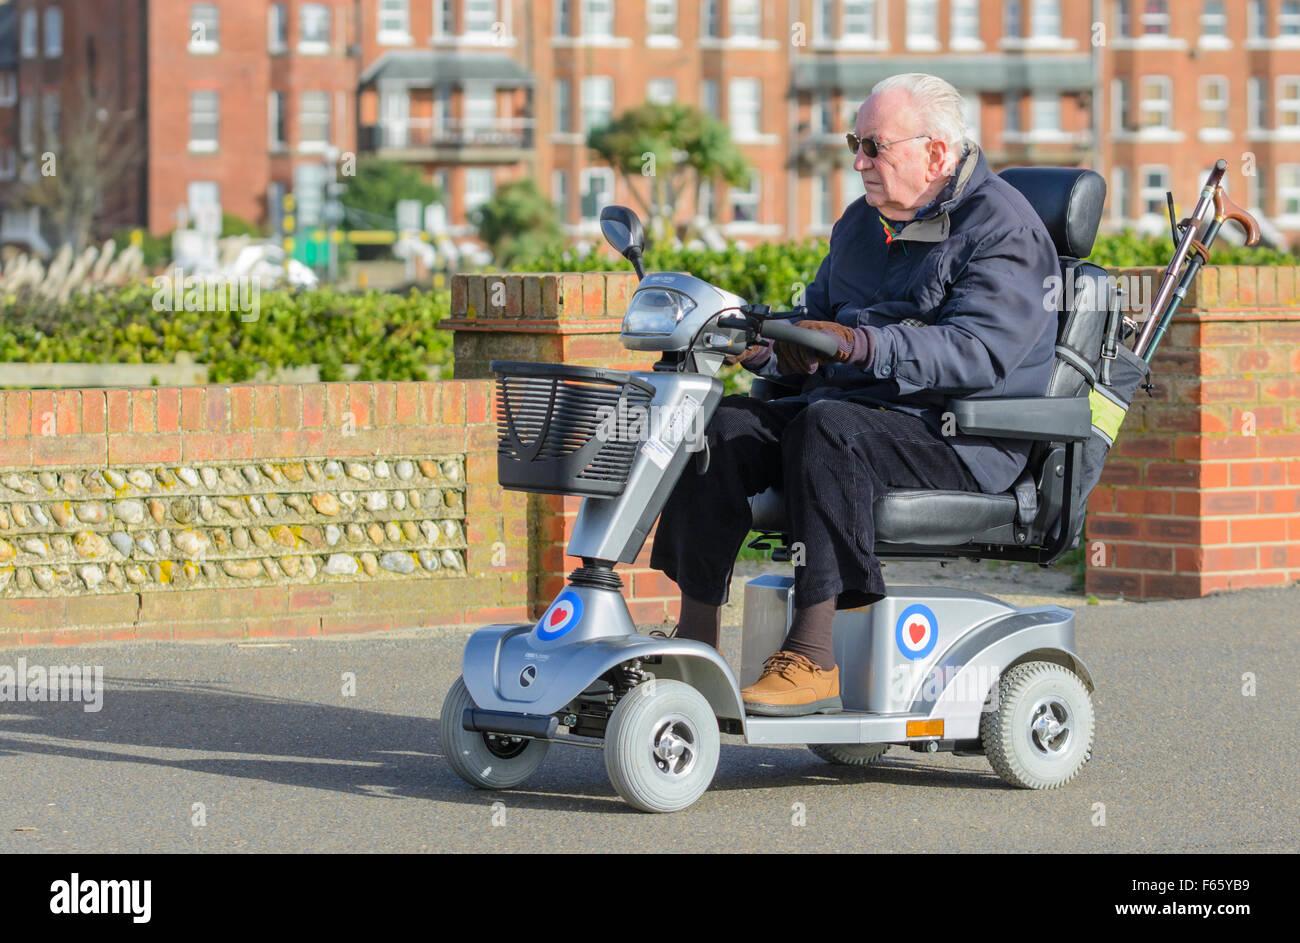 Mobilità scooter cavalcato da un uomo anziano in Inghilterra, Regno Unito. Immagini Stock